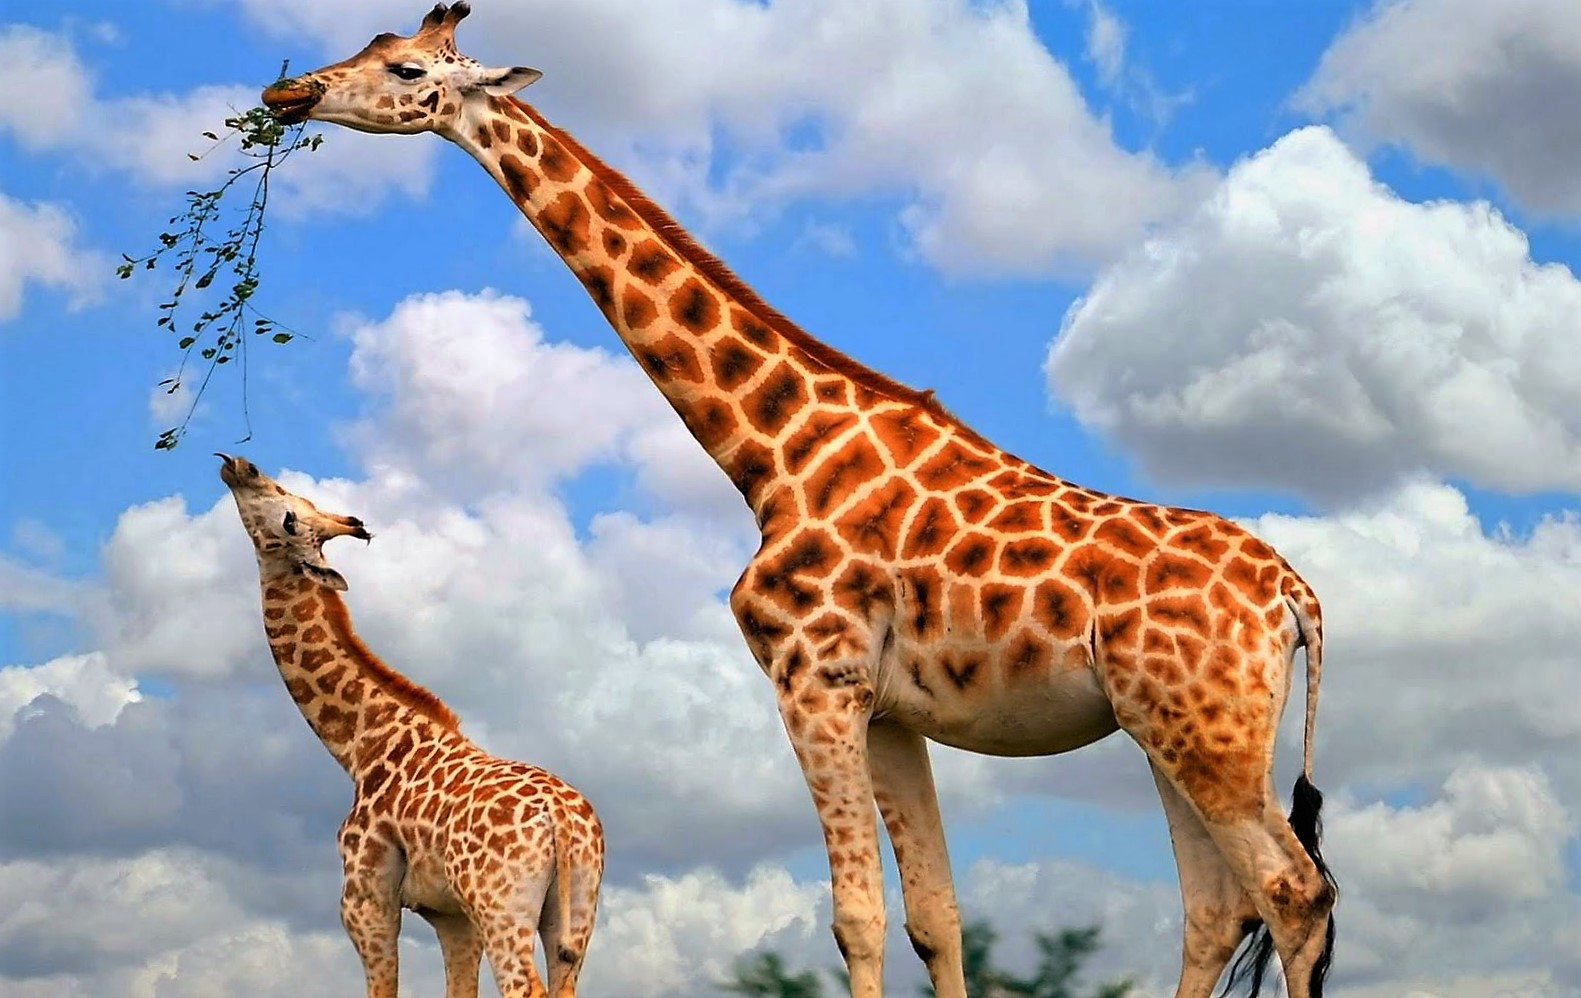 Een Gek Dier De Giraf: Fieggentrio: De Geboorte Van Een Giraf. (video